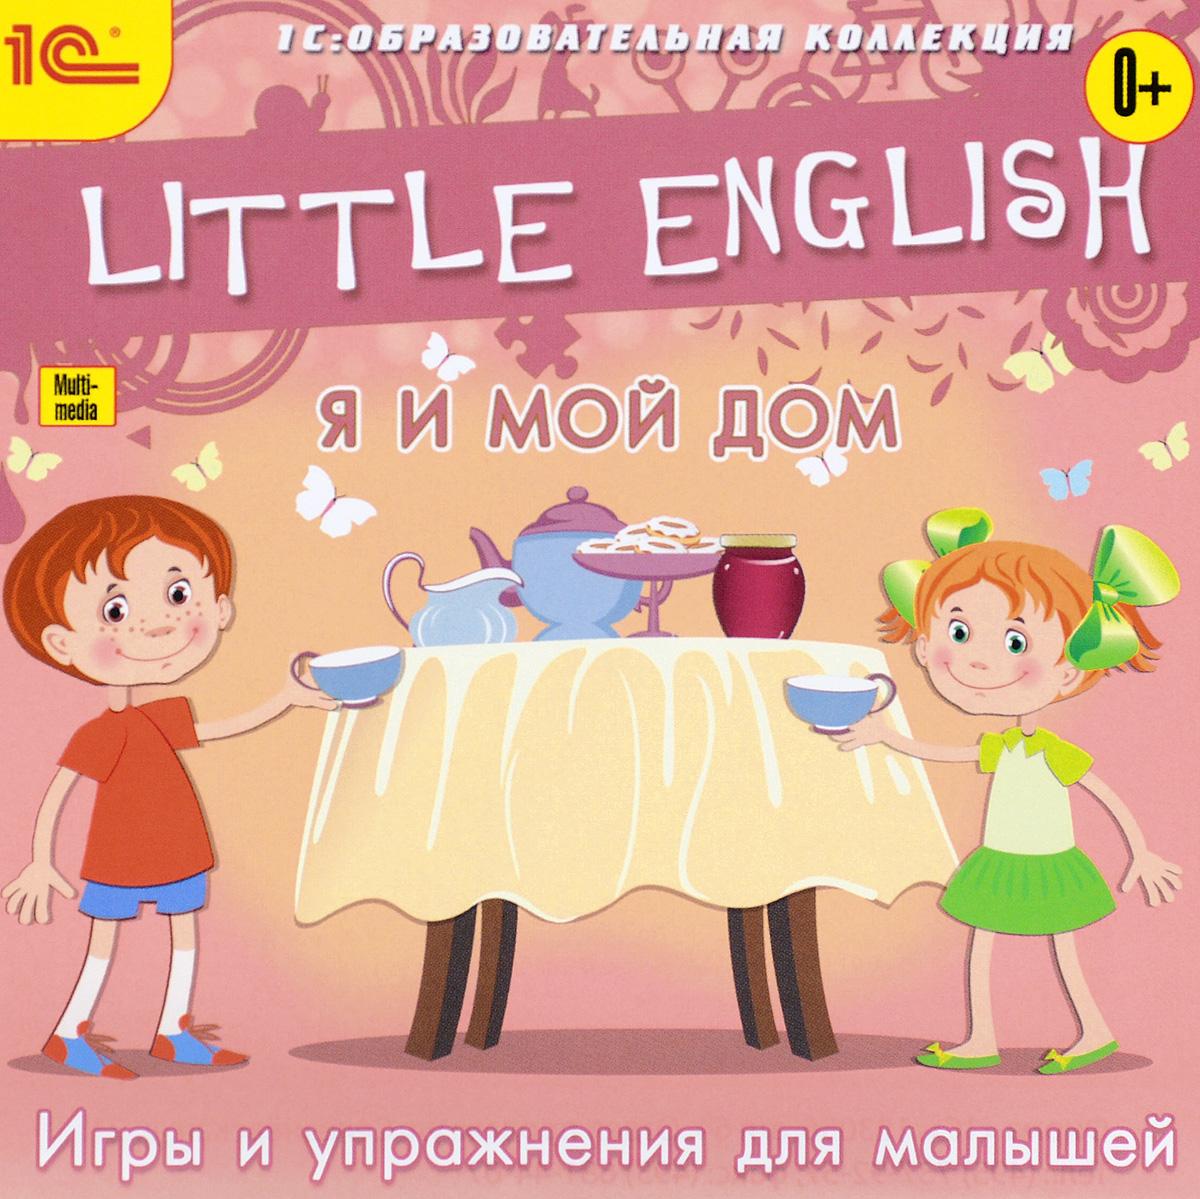 1С: Образовательная коллекция. Little English. Я и мой дом little english я и моя семья игры и упражнения для малышей